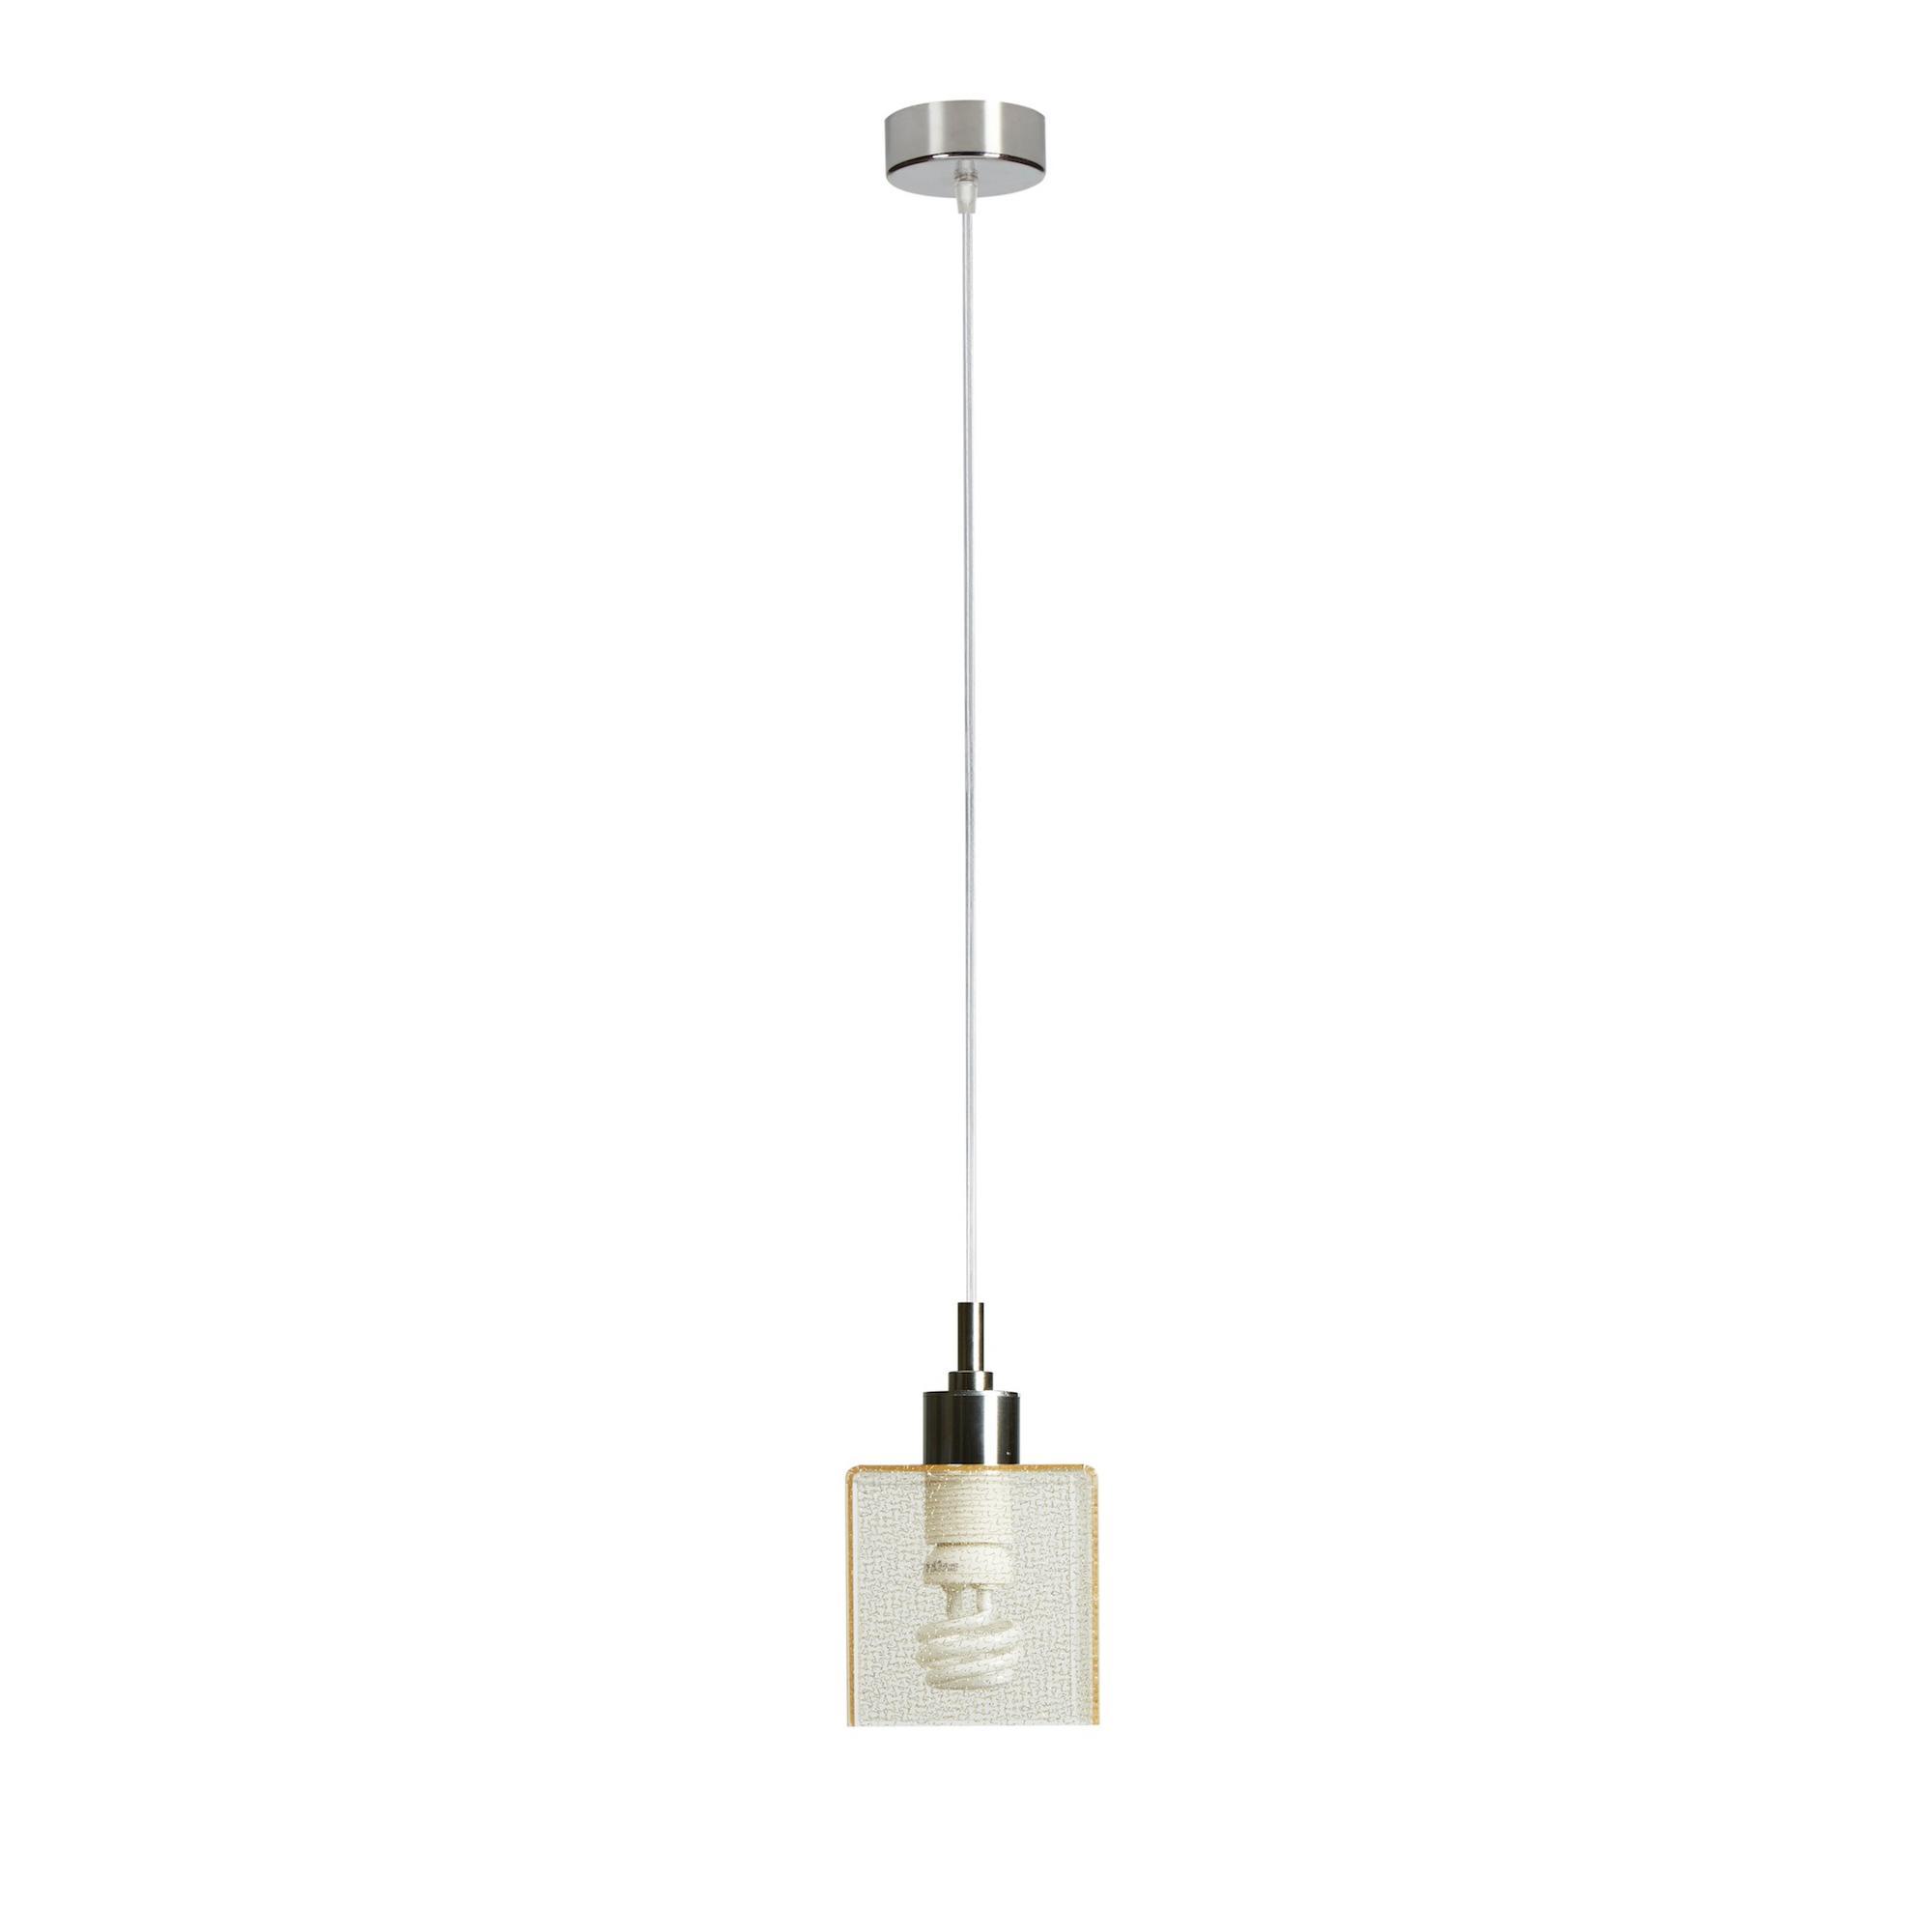 Lampadario da soffitto a sospensione 11x11xh18cm